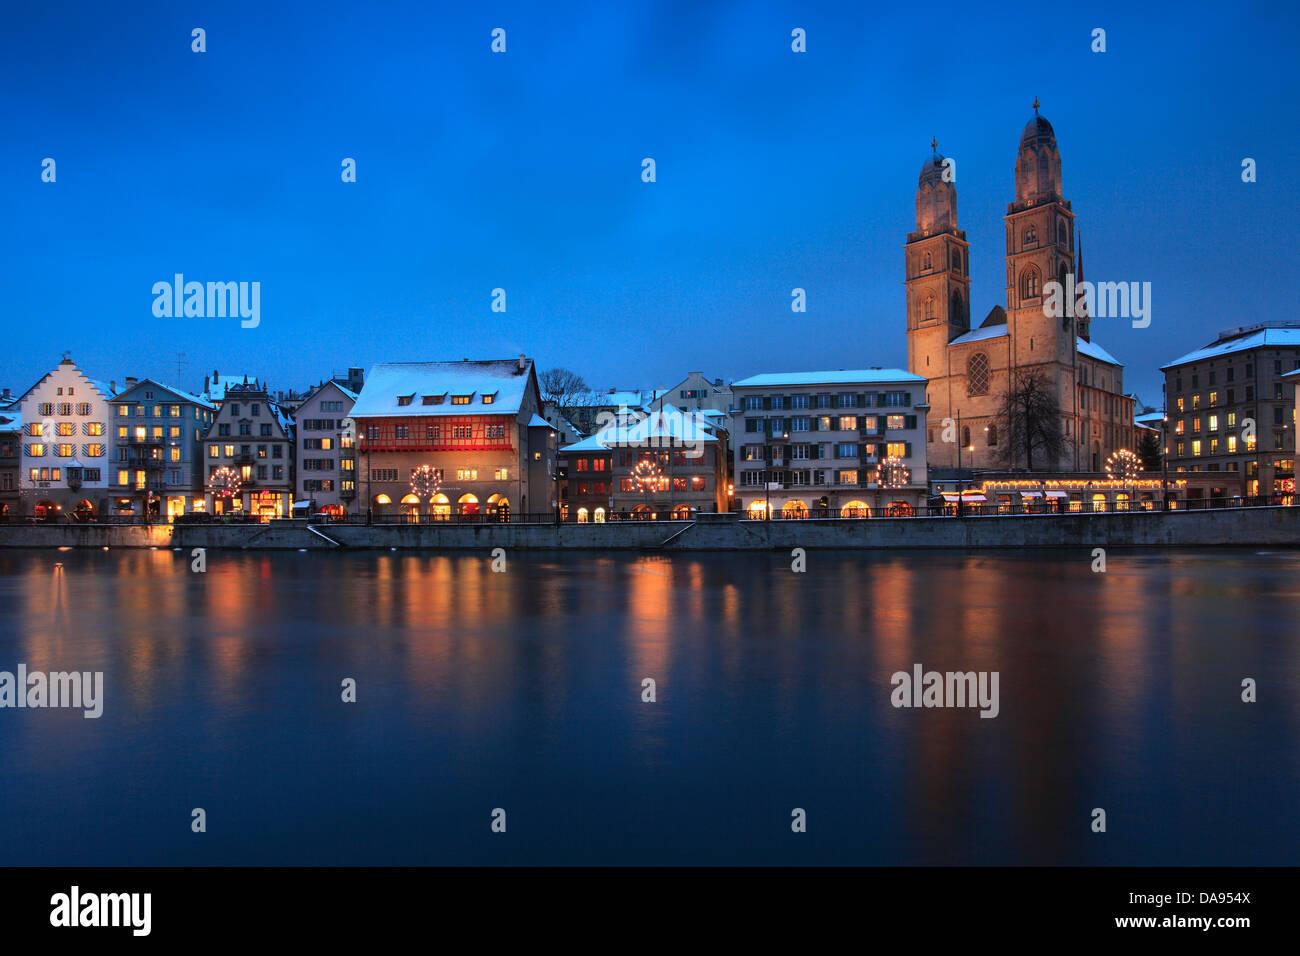 Advent, Beleuchtung, Beleuchtung, Adventszeit, Altstadt, Stadt, Sonnenuntergang, Dämmerung, Grossmünster, Stockbild